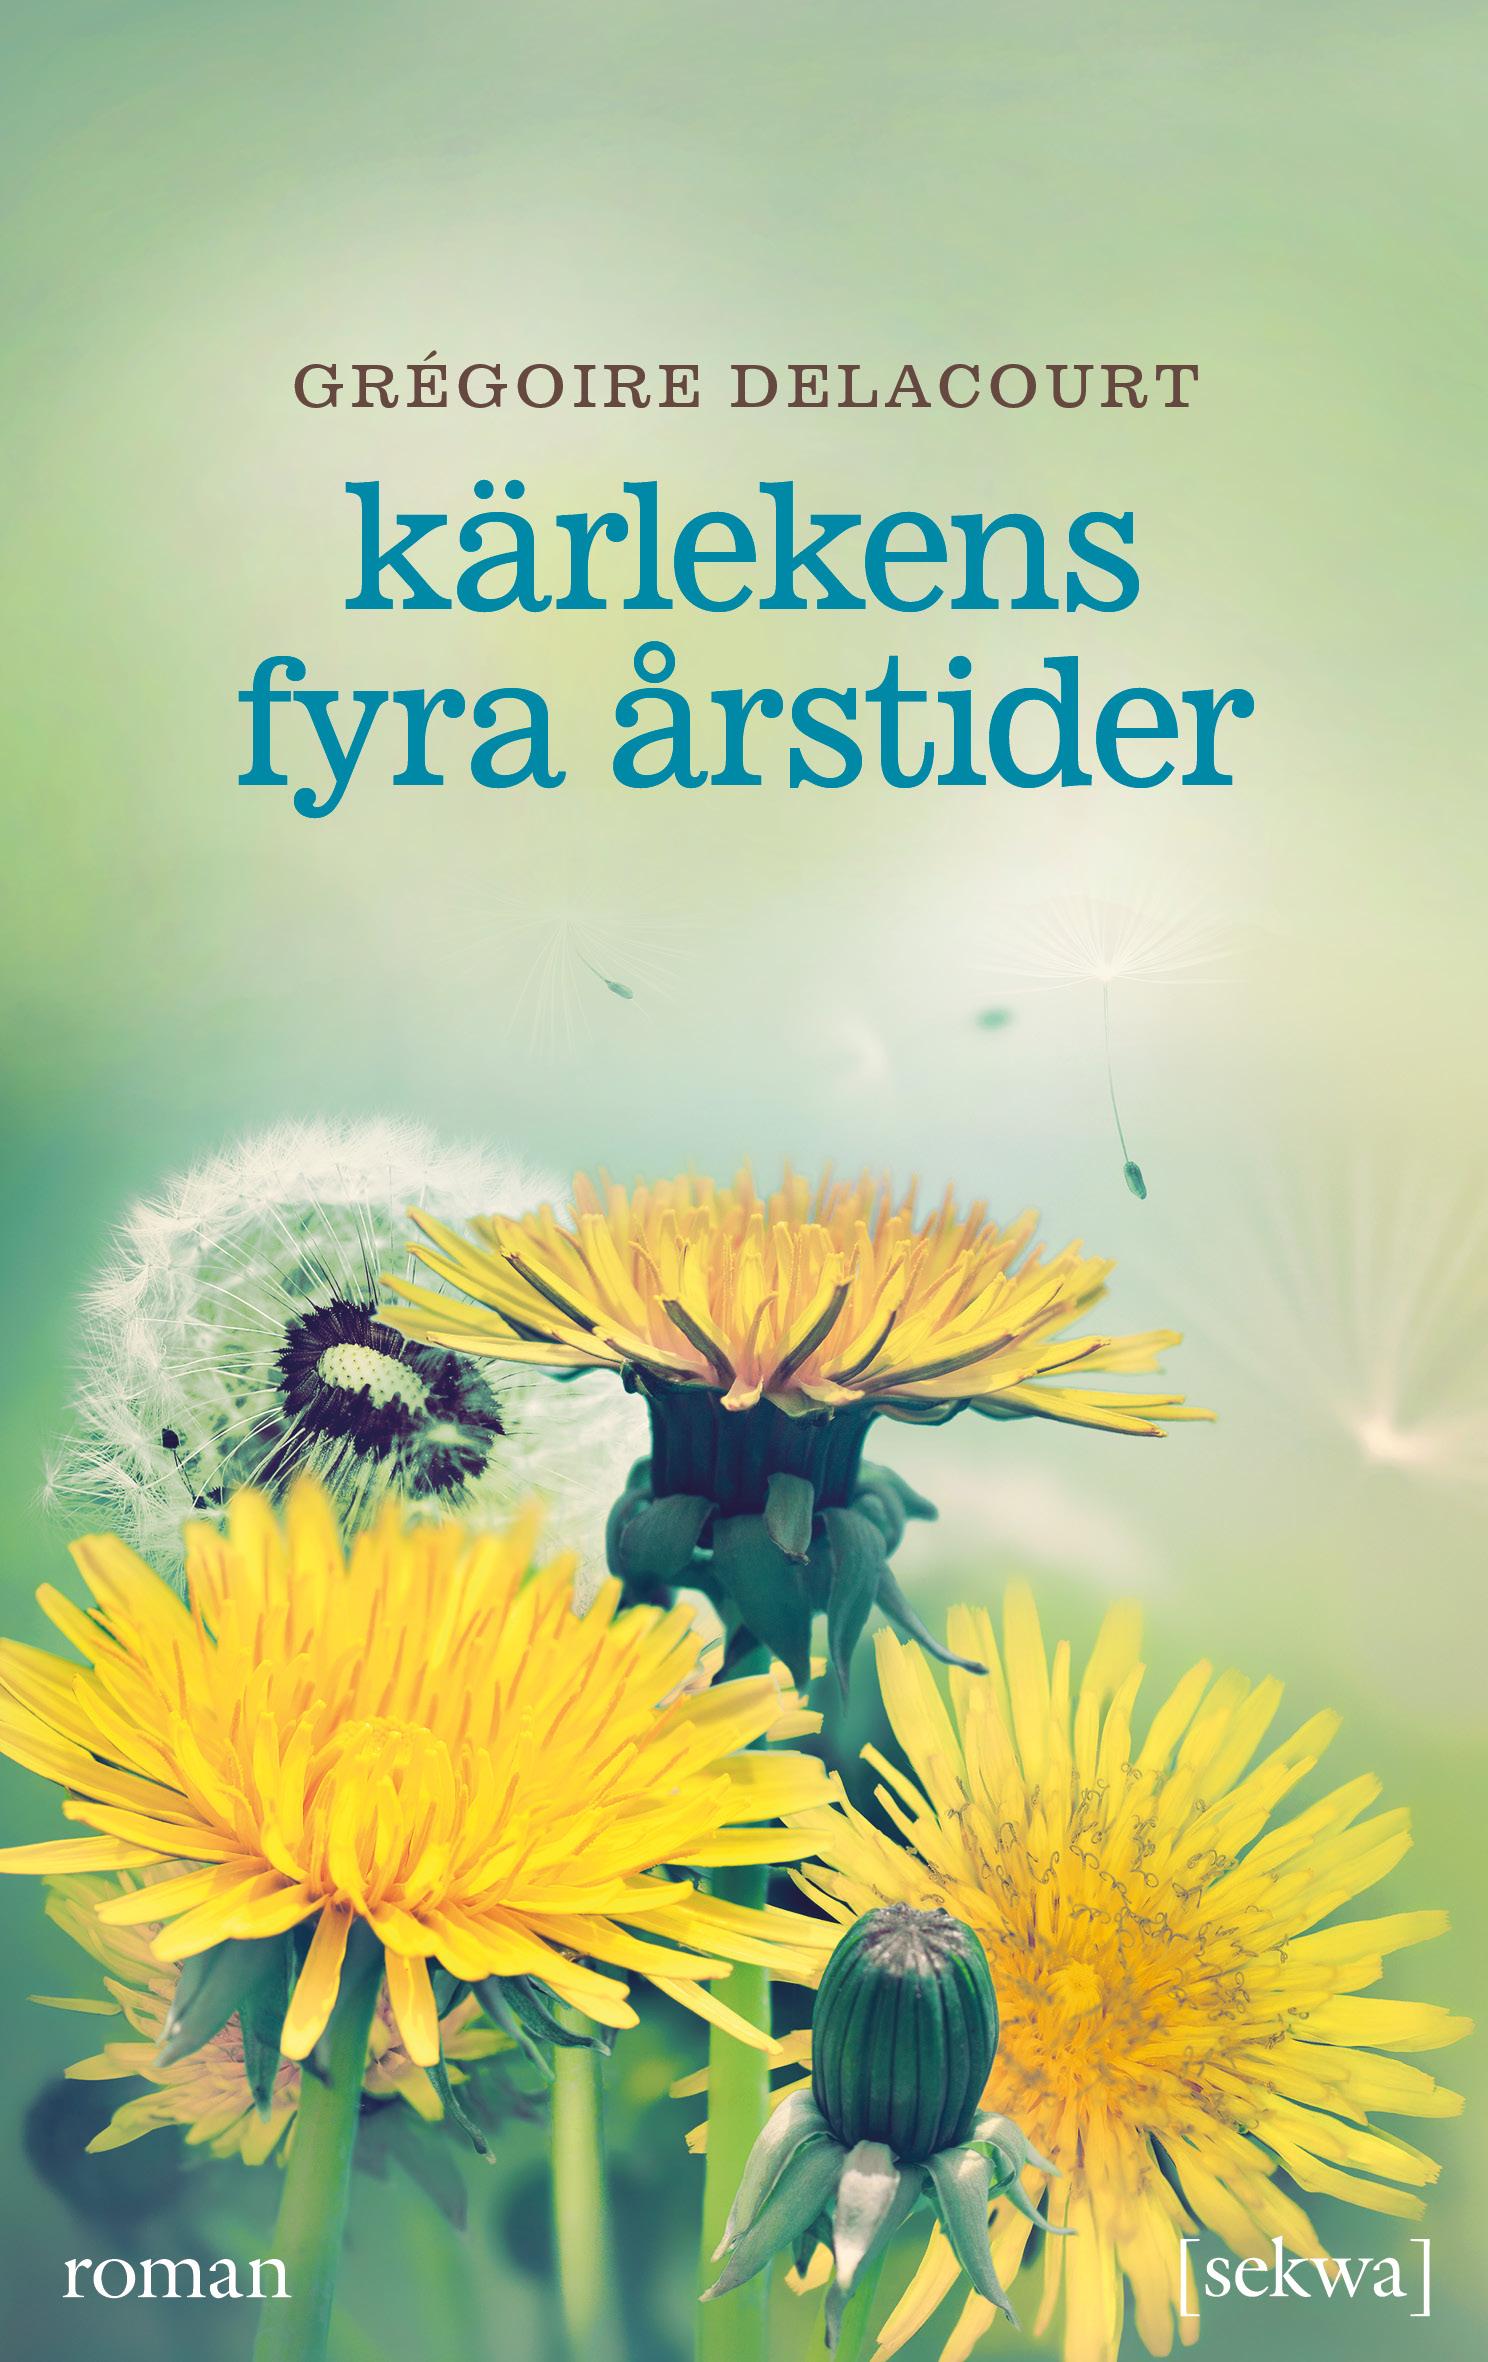 karlekens_fyra_arstider